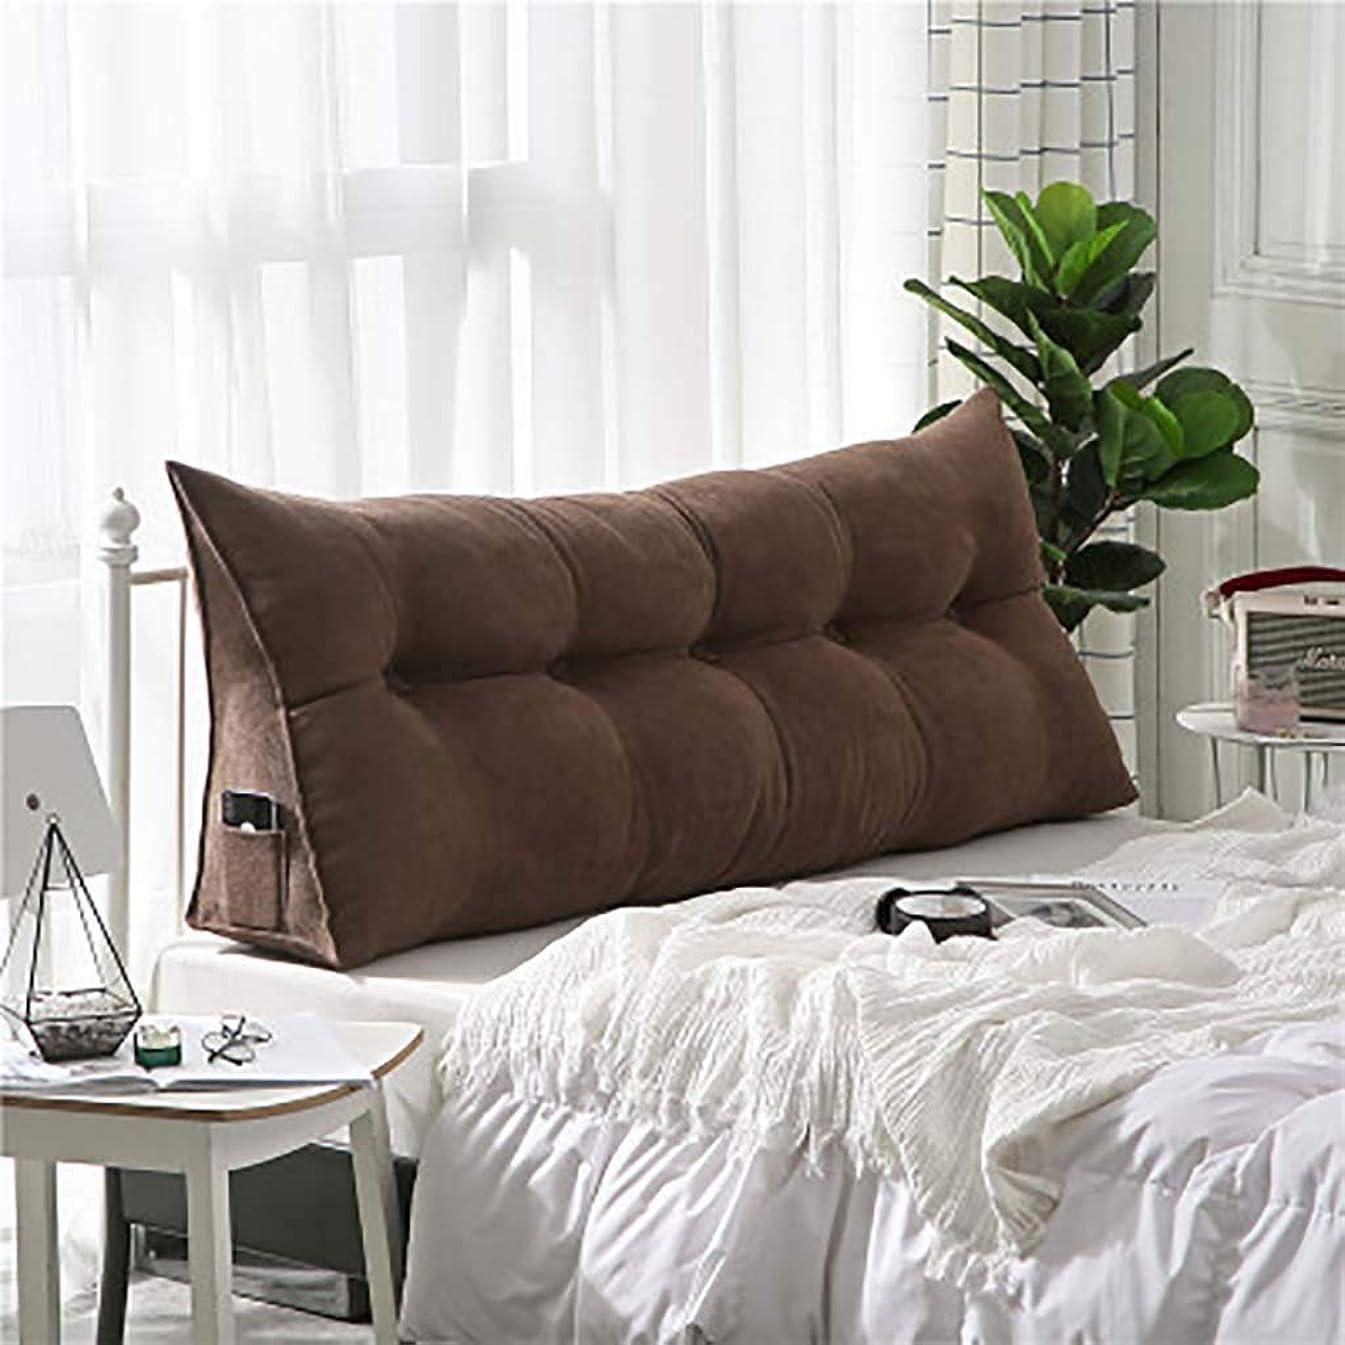 チャンスためらうくま張り 三角 ウェッジ枕,ぬいぐるみ 読ん 背もたれ クッション ベッド 戻る クッション ソファ ベッド 枕 位置決め サポート 枕-コーヒー色 180x50x20cm(71x20x8inch)